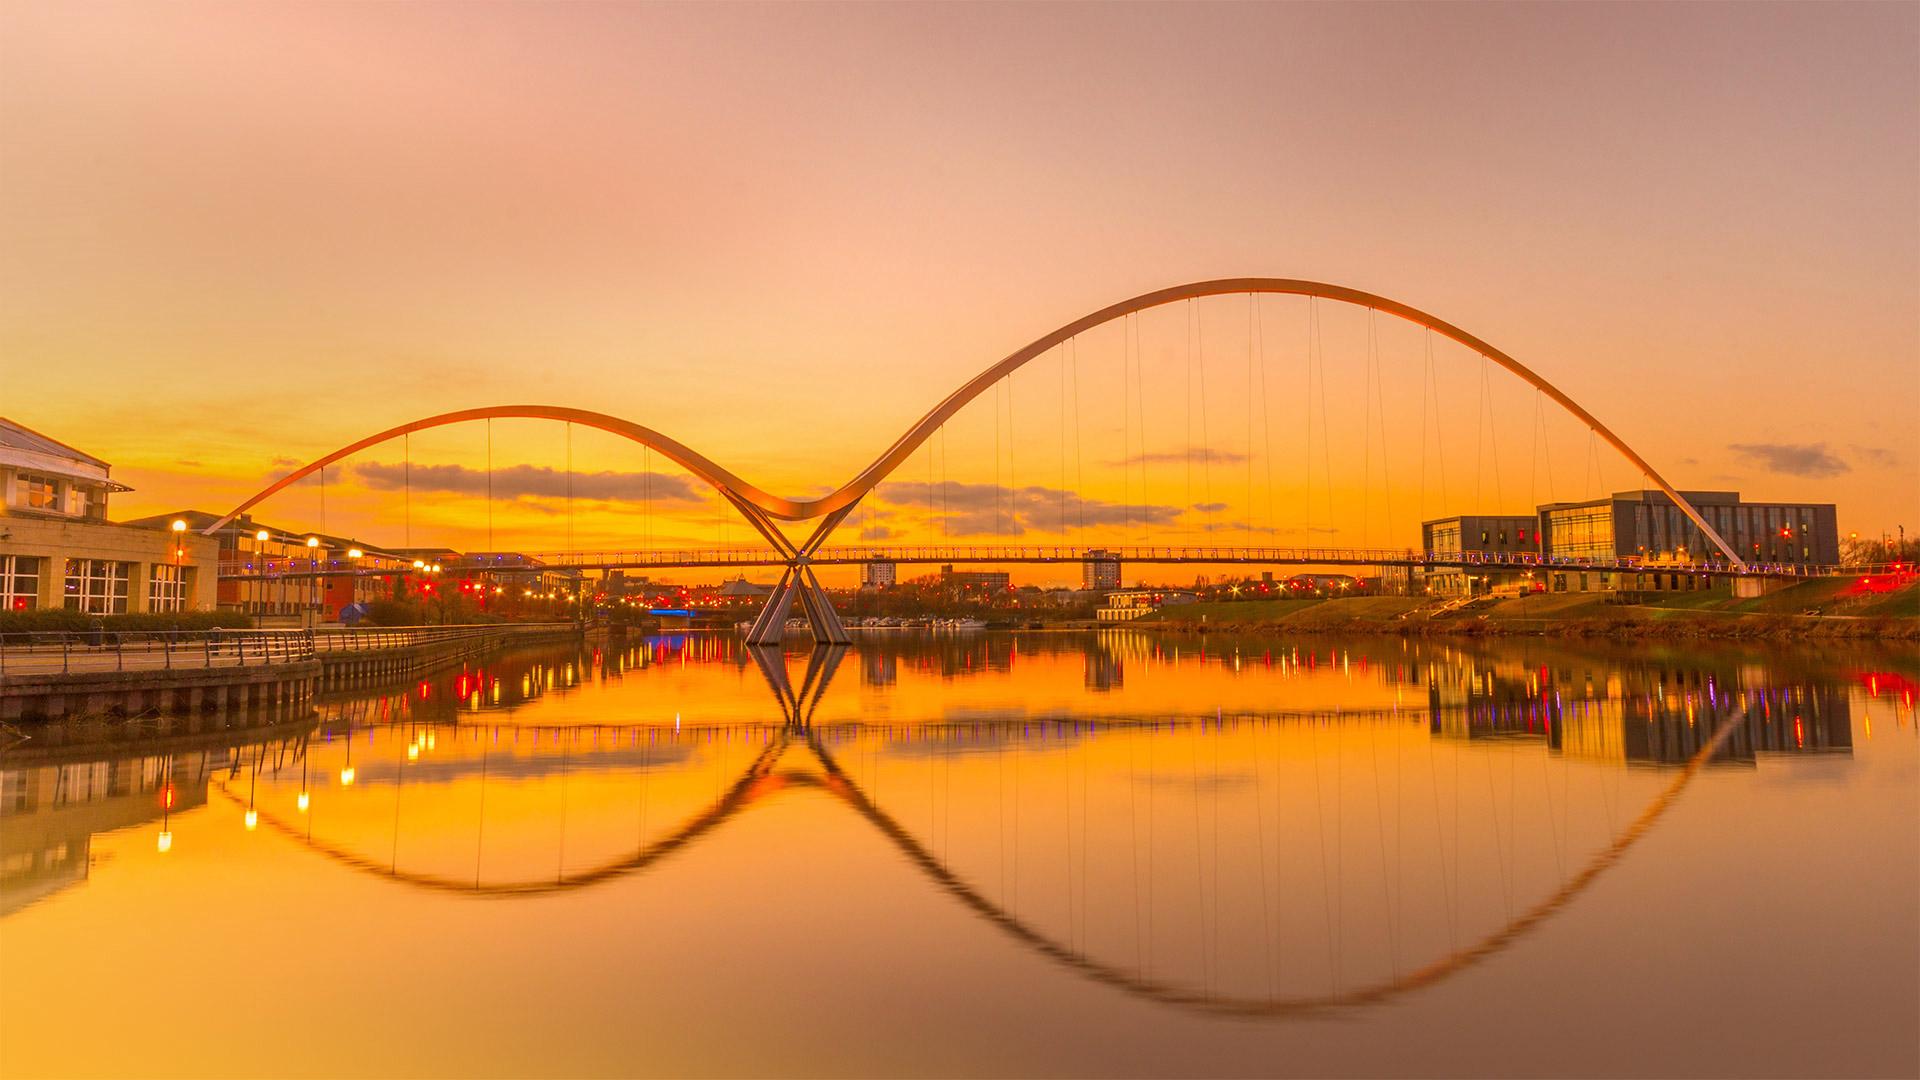 infinity bridge uk